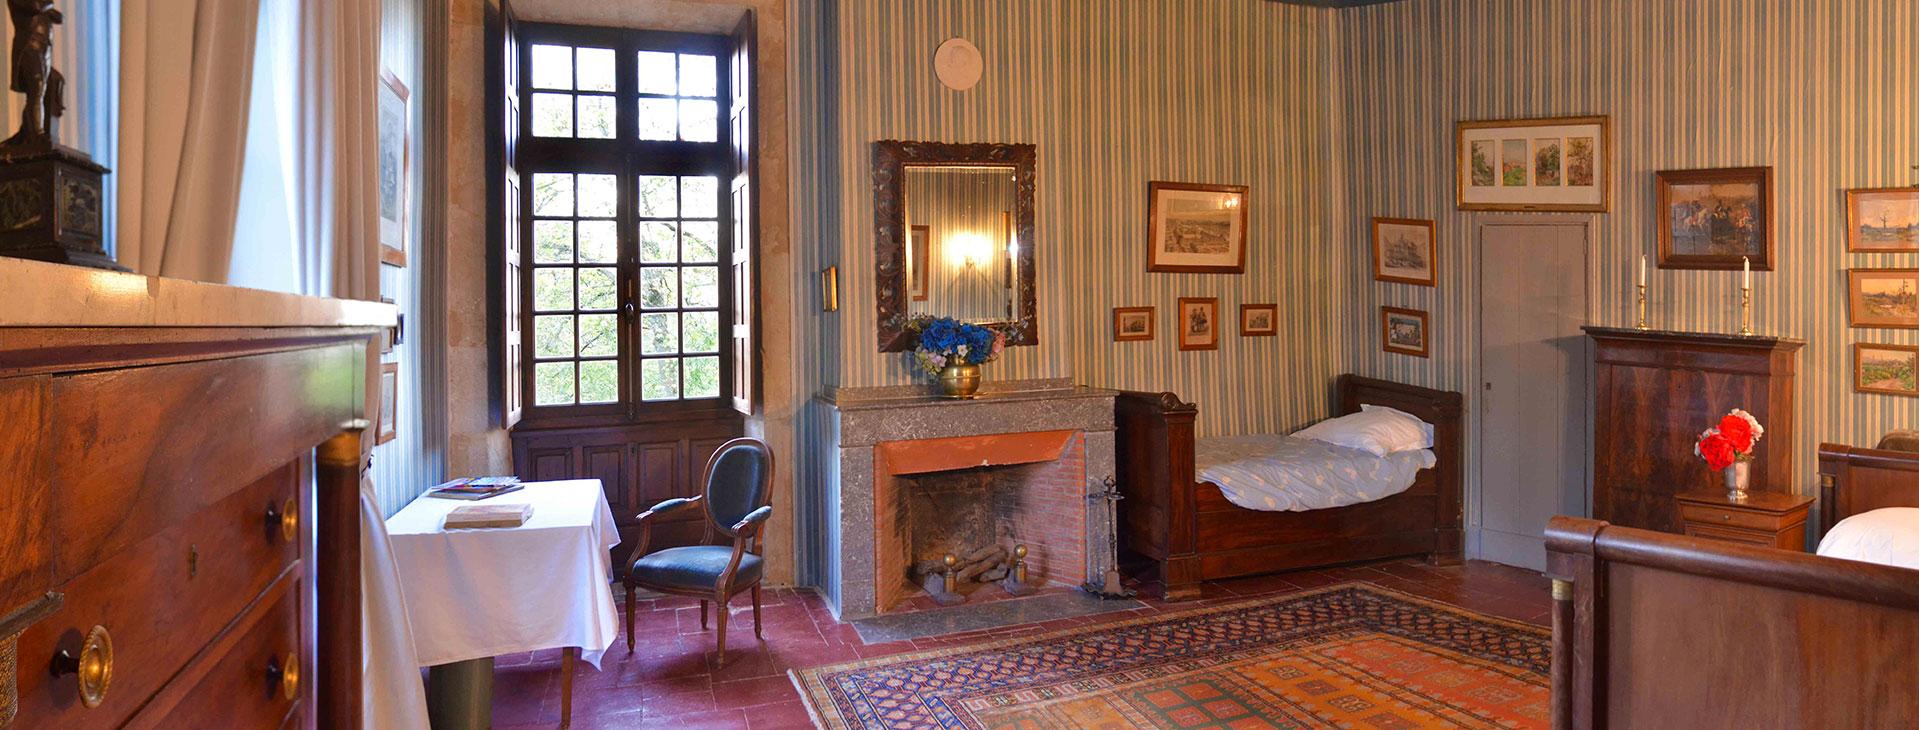 Chambre bleue / Blue bedroom